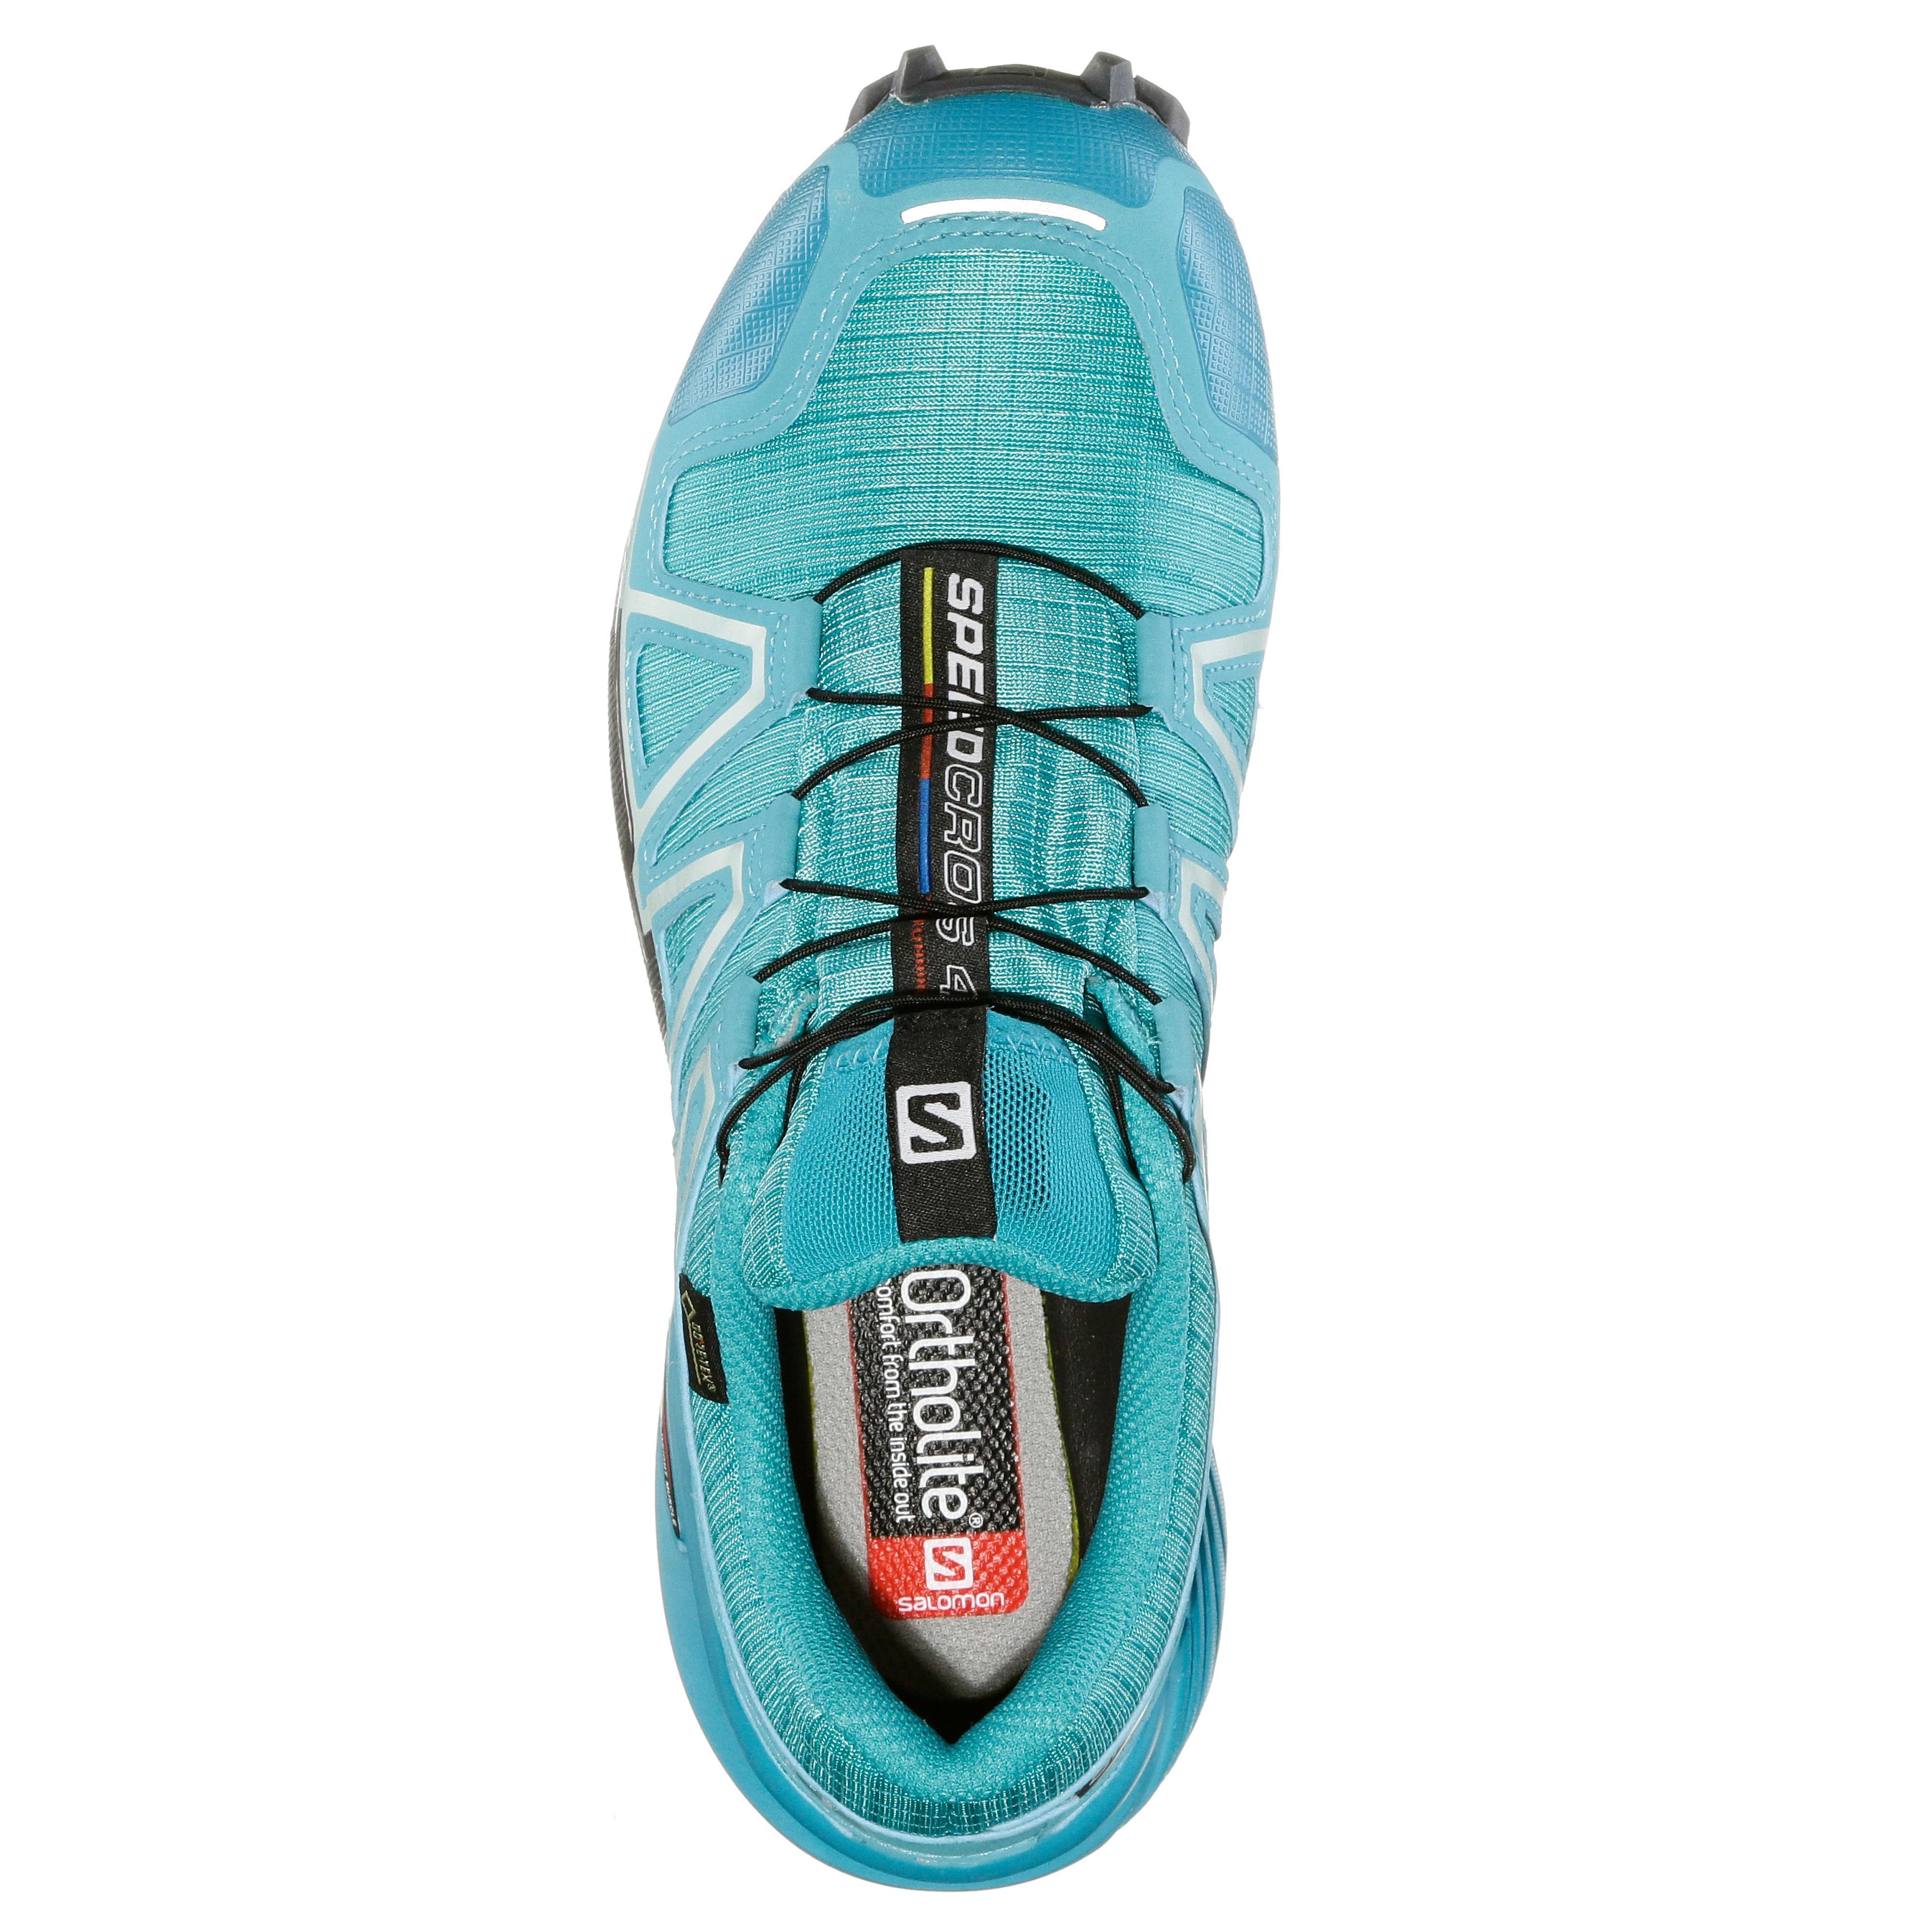 Salomon SPEEDCROSS 4 GTX® Laufschuhe Damen schwarz im beliebte Online Shop von SportScheck kaufen Gute Qualität beliebte im Schuhe 41cf51